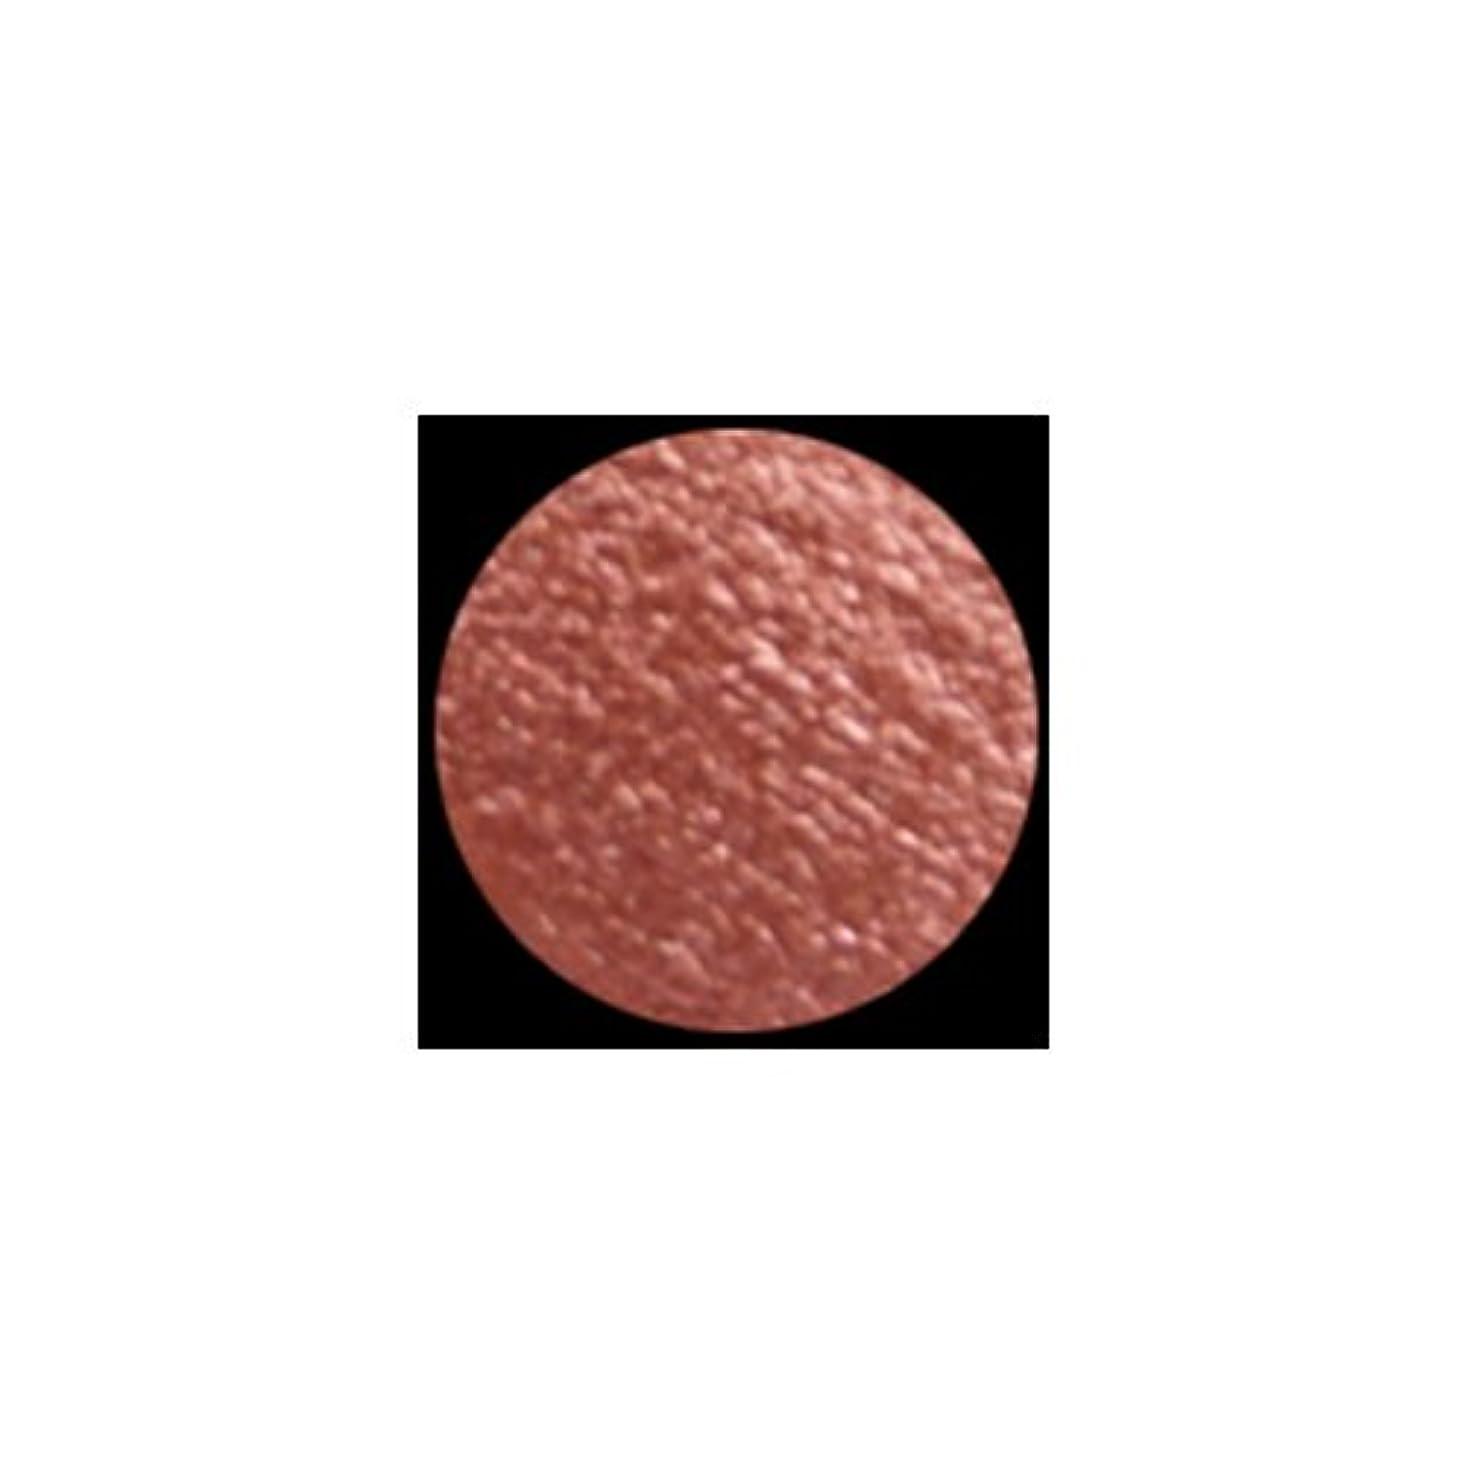 村裁定パリティKLEANCOLOR American Eyedol (Wet/Dry Baked Eyeshadow) - Burgundy (並行輸入品)